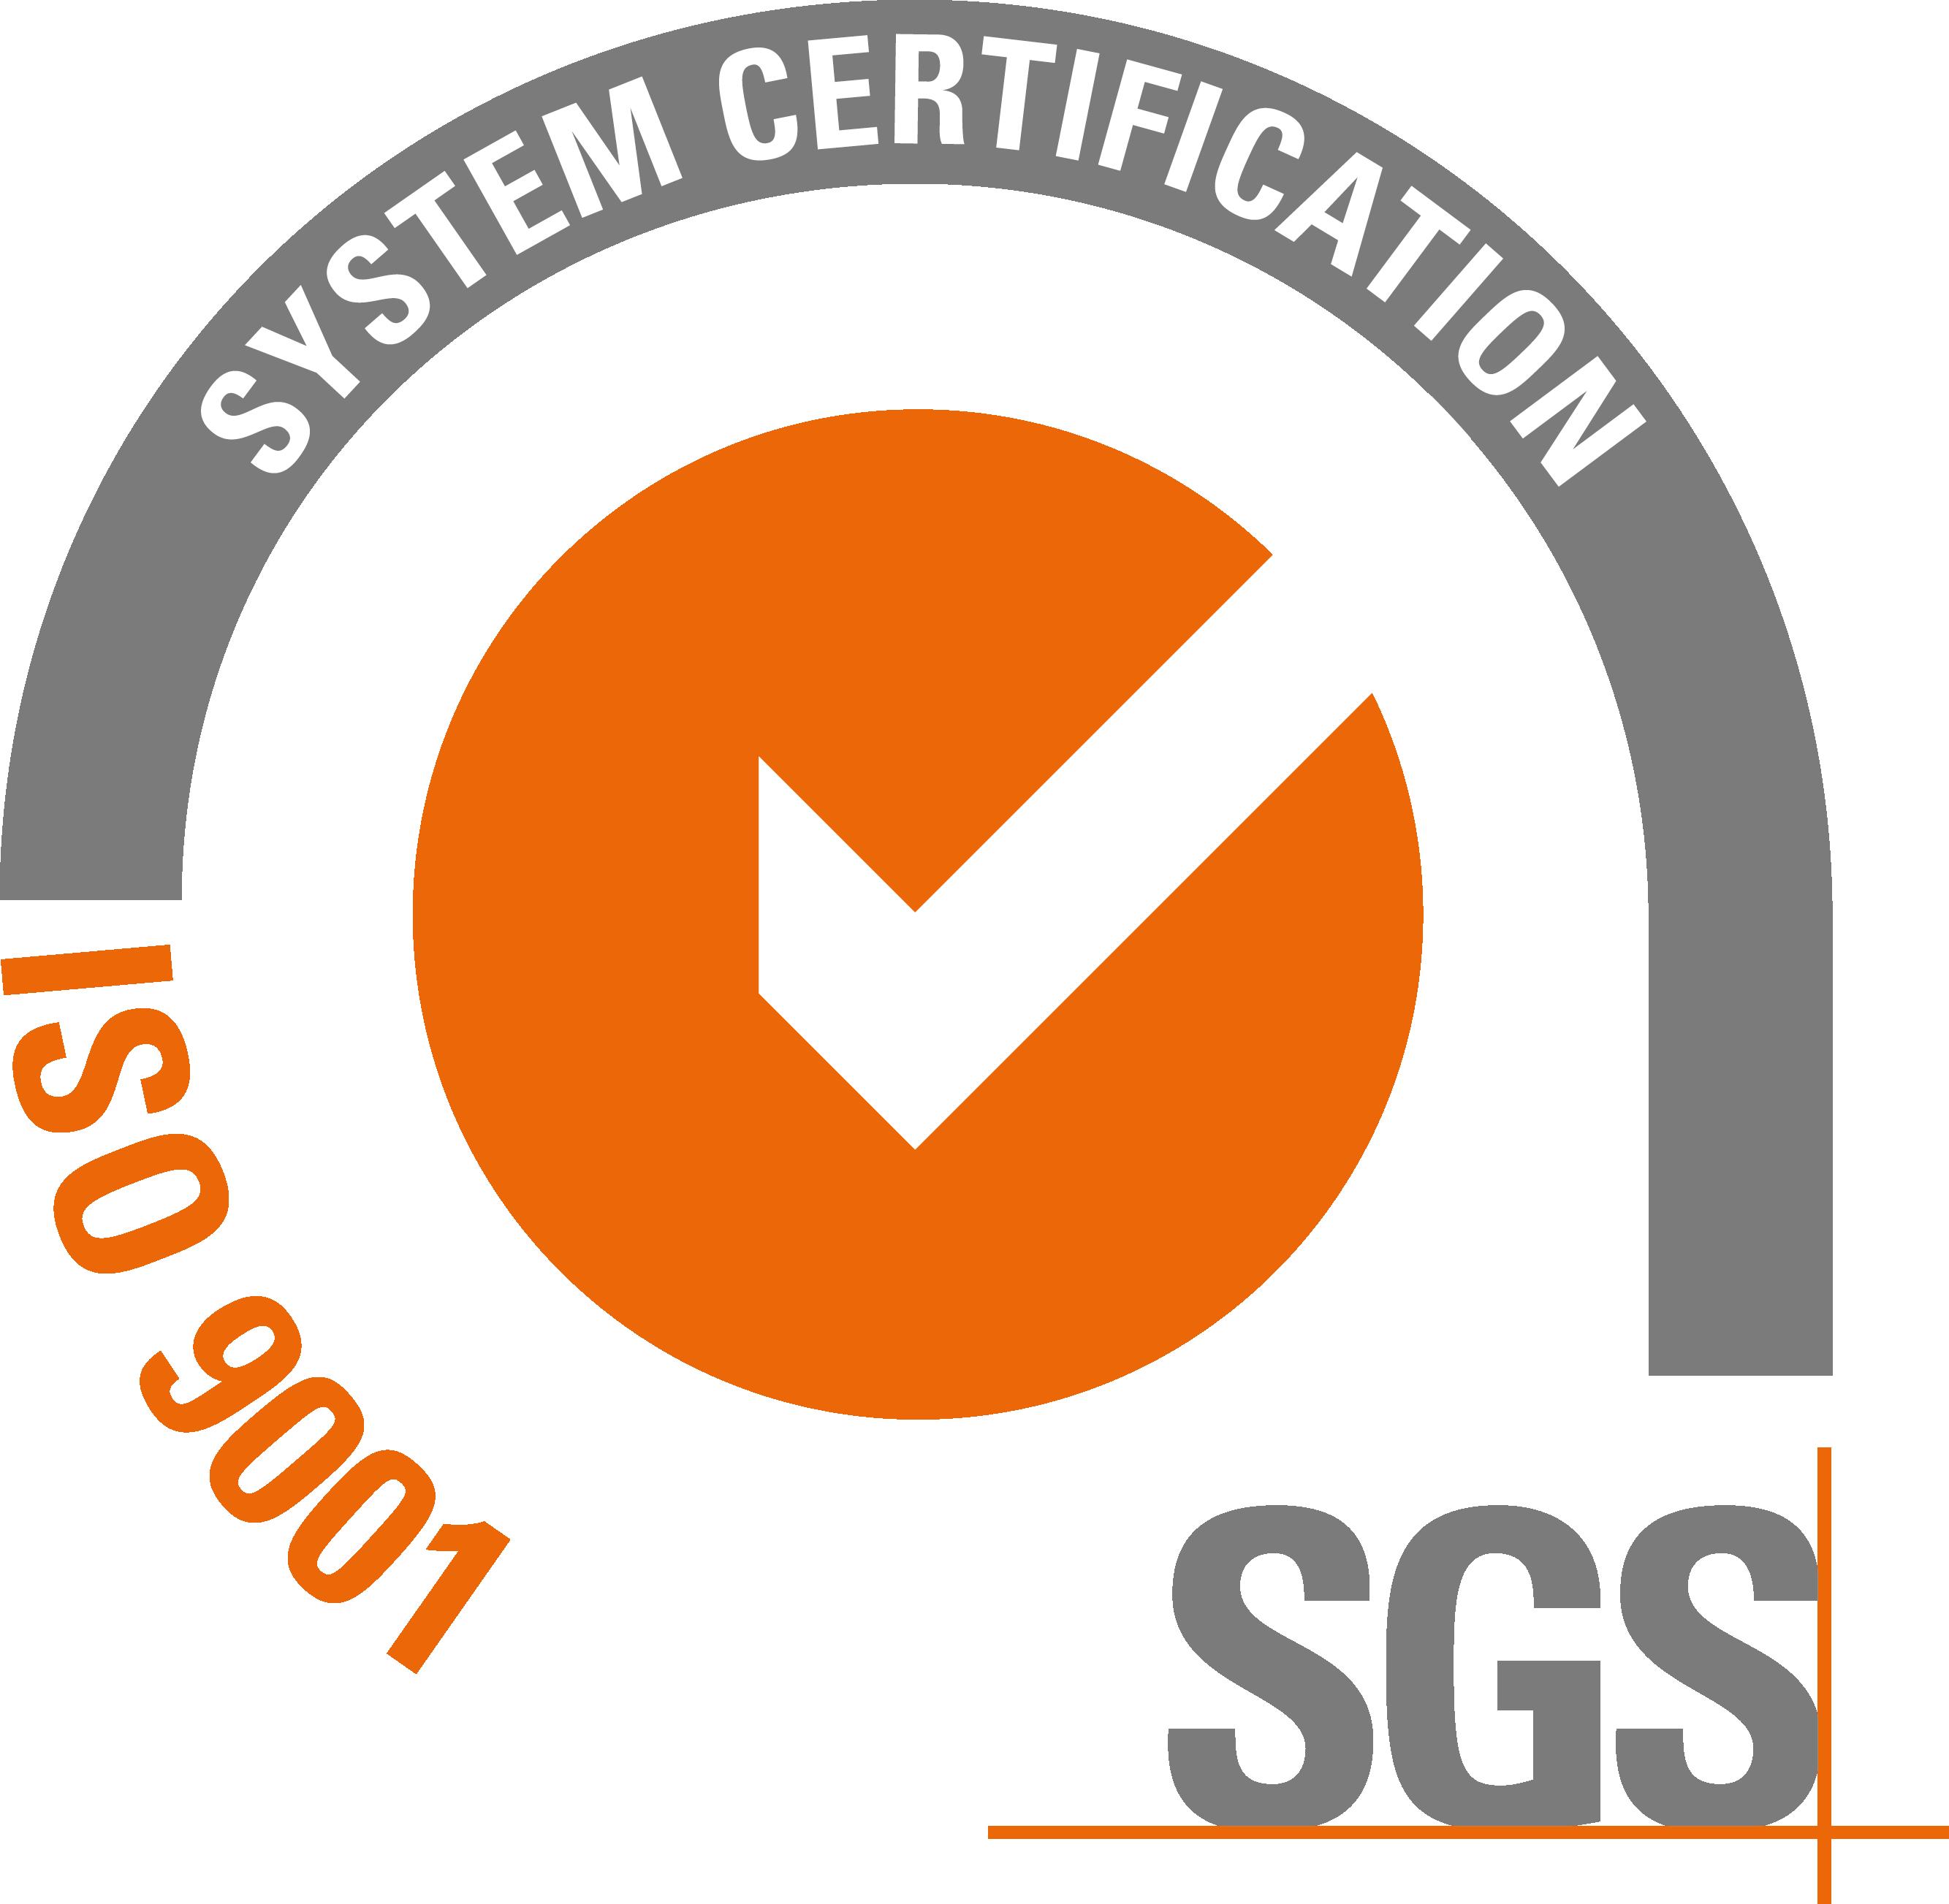 Sello de calidad según ISO 9001:2000 acreditado por ENAC y vigente hasta la actualidad